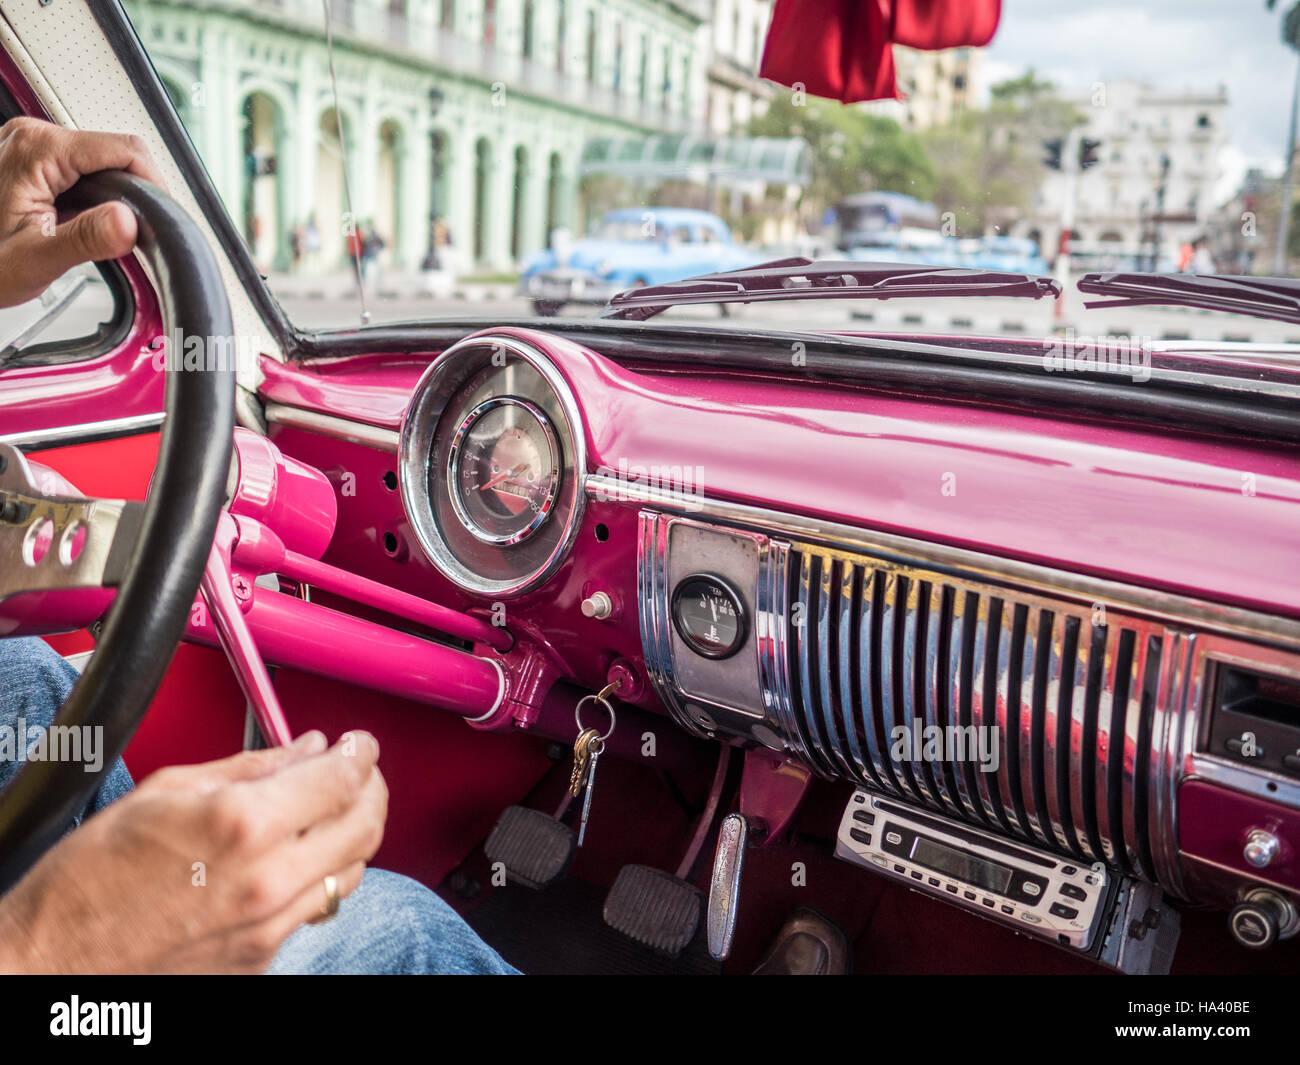 Oldtimer de taxi de ida y vuelta de La Habana Cuba Imagen De Stock